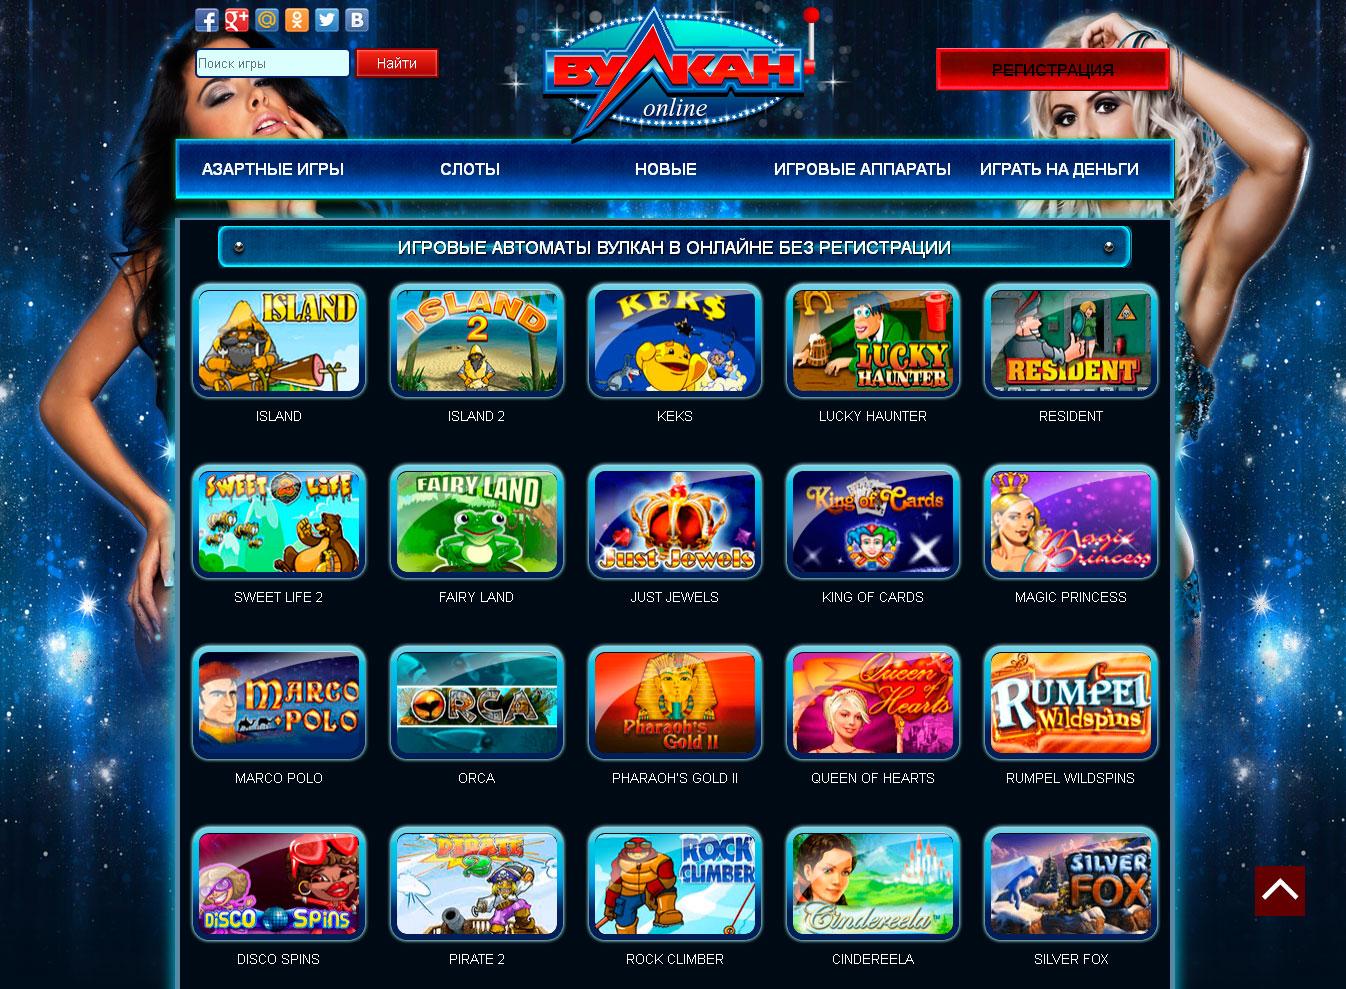 Игровые автоматы Вулкан в онлайне без регистрации